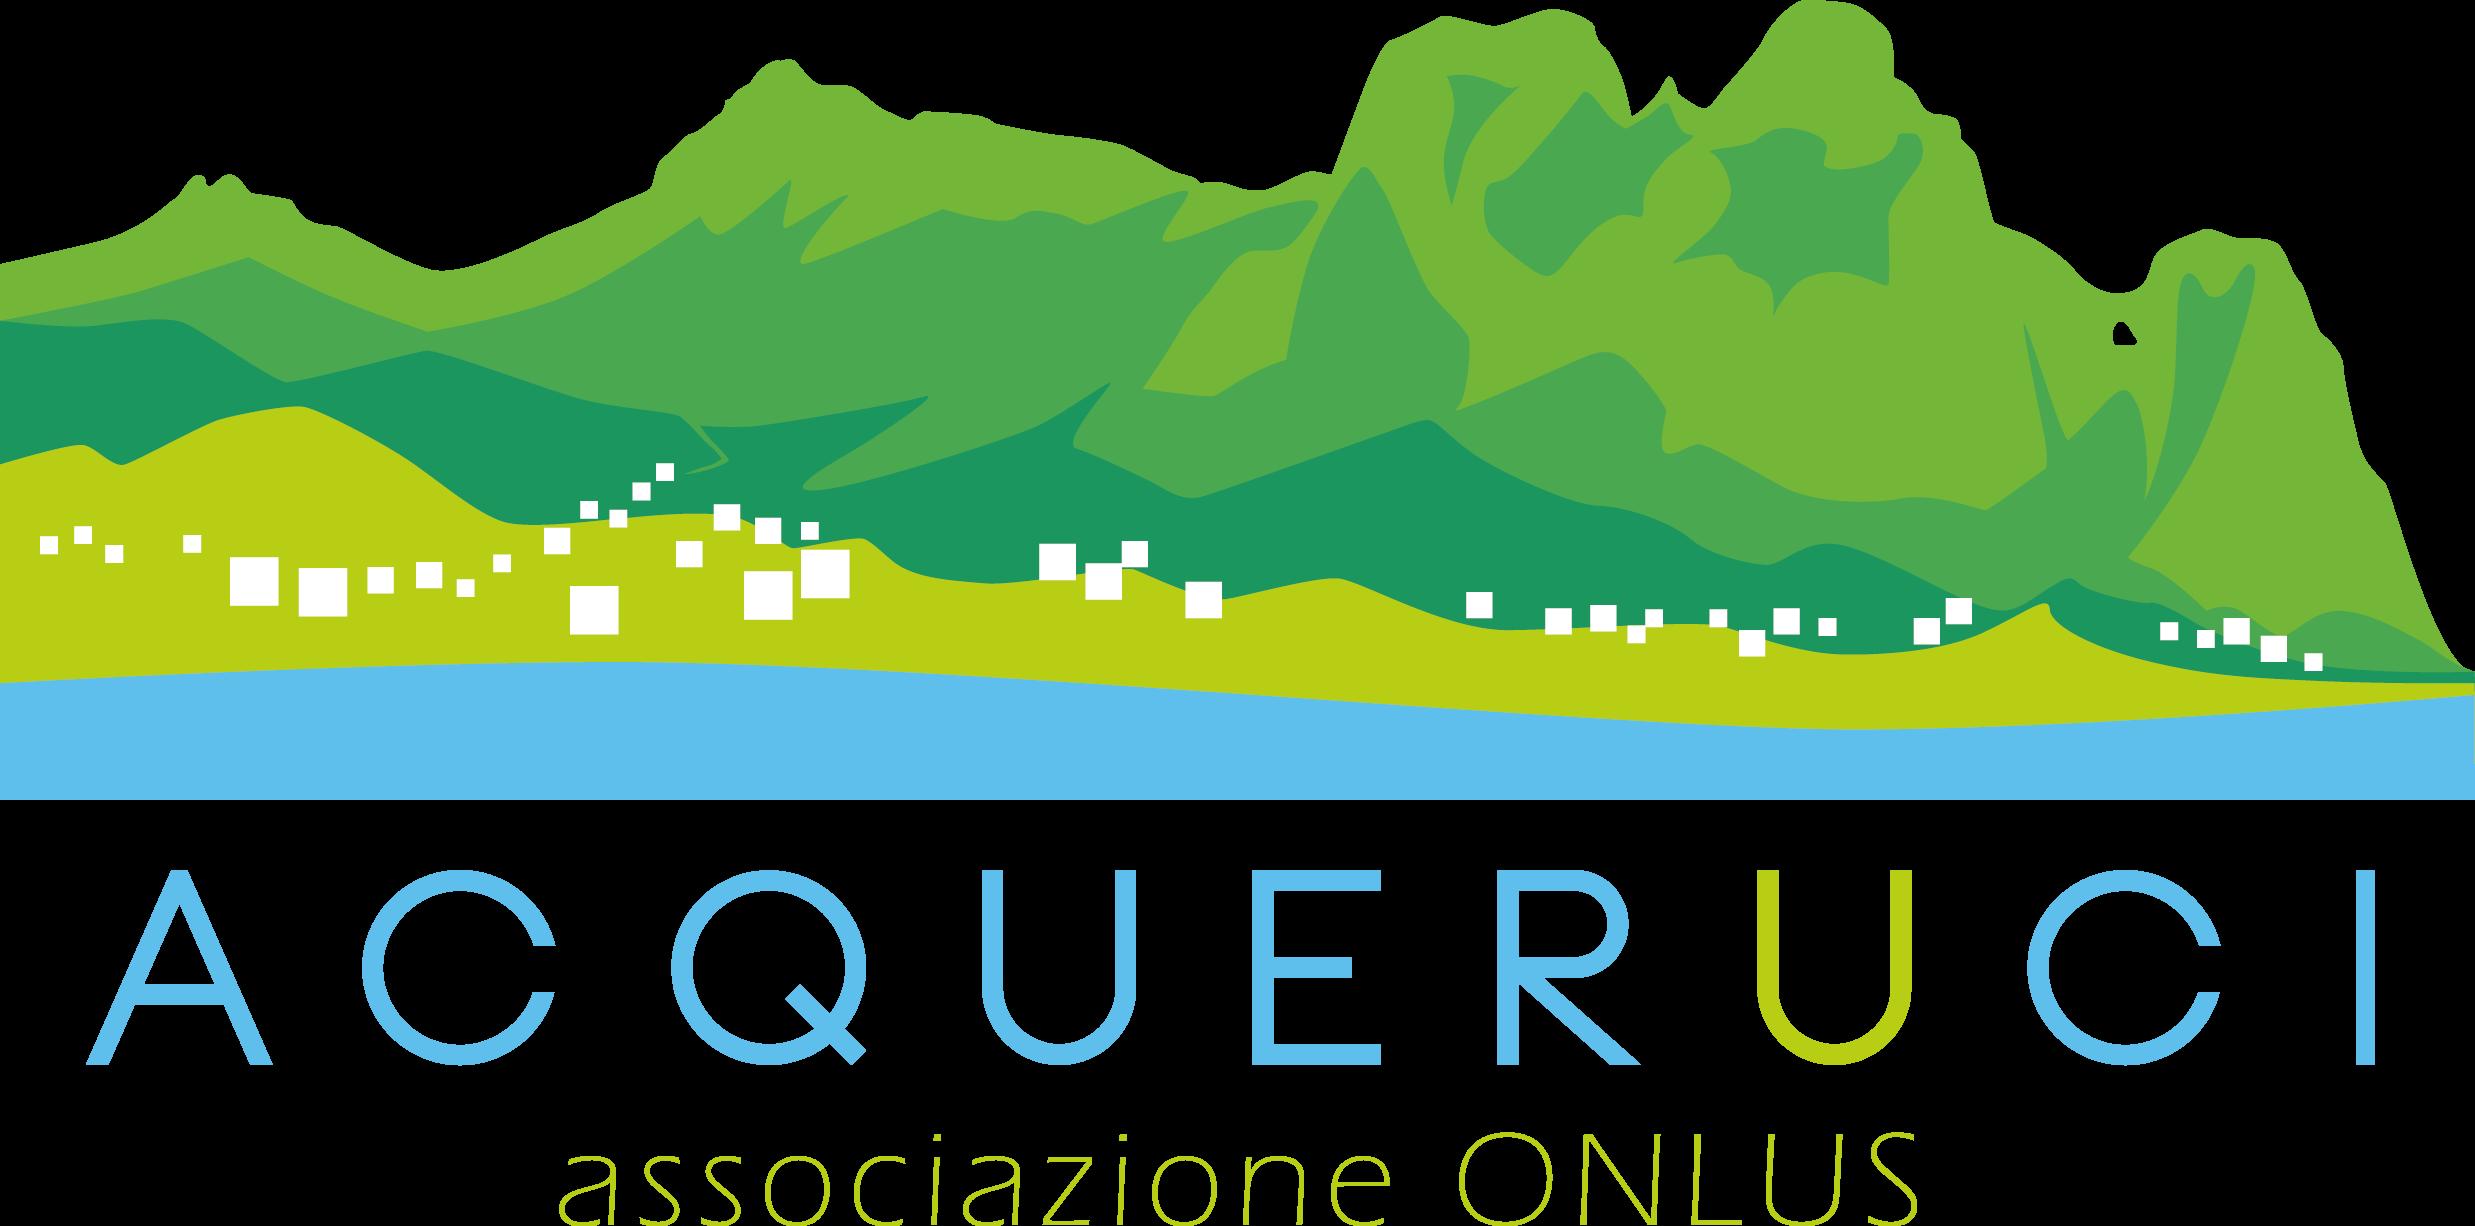 Associazione Acquerùci ONLUS